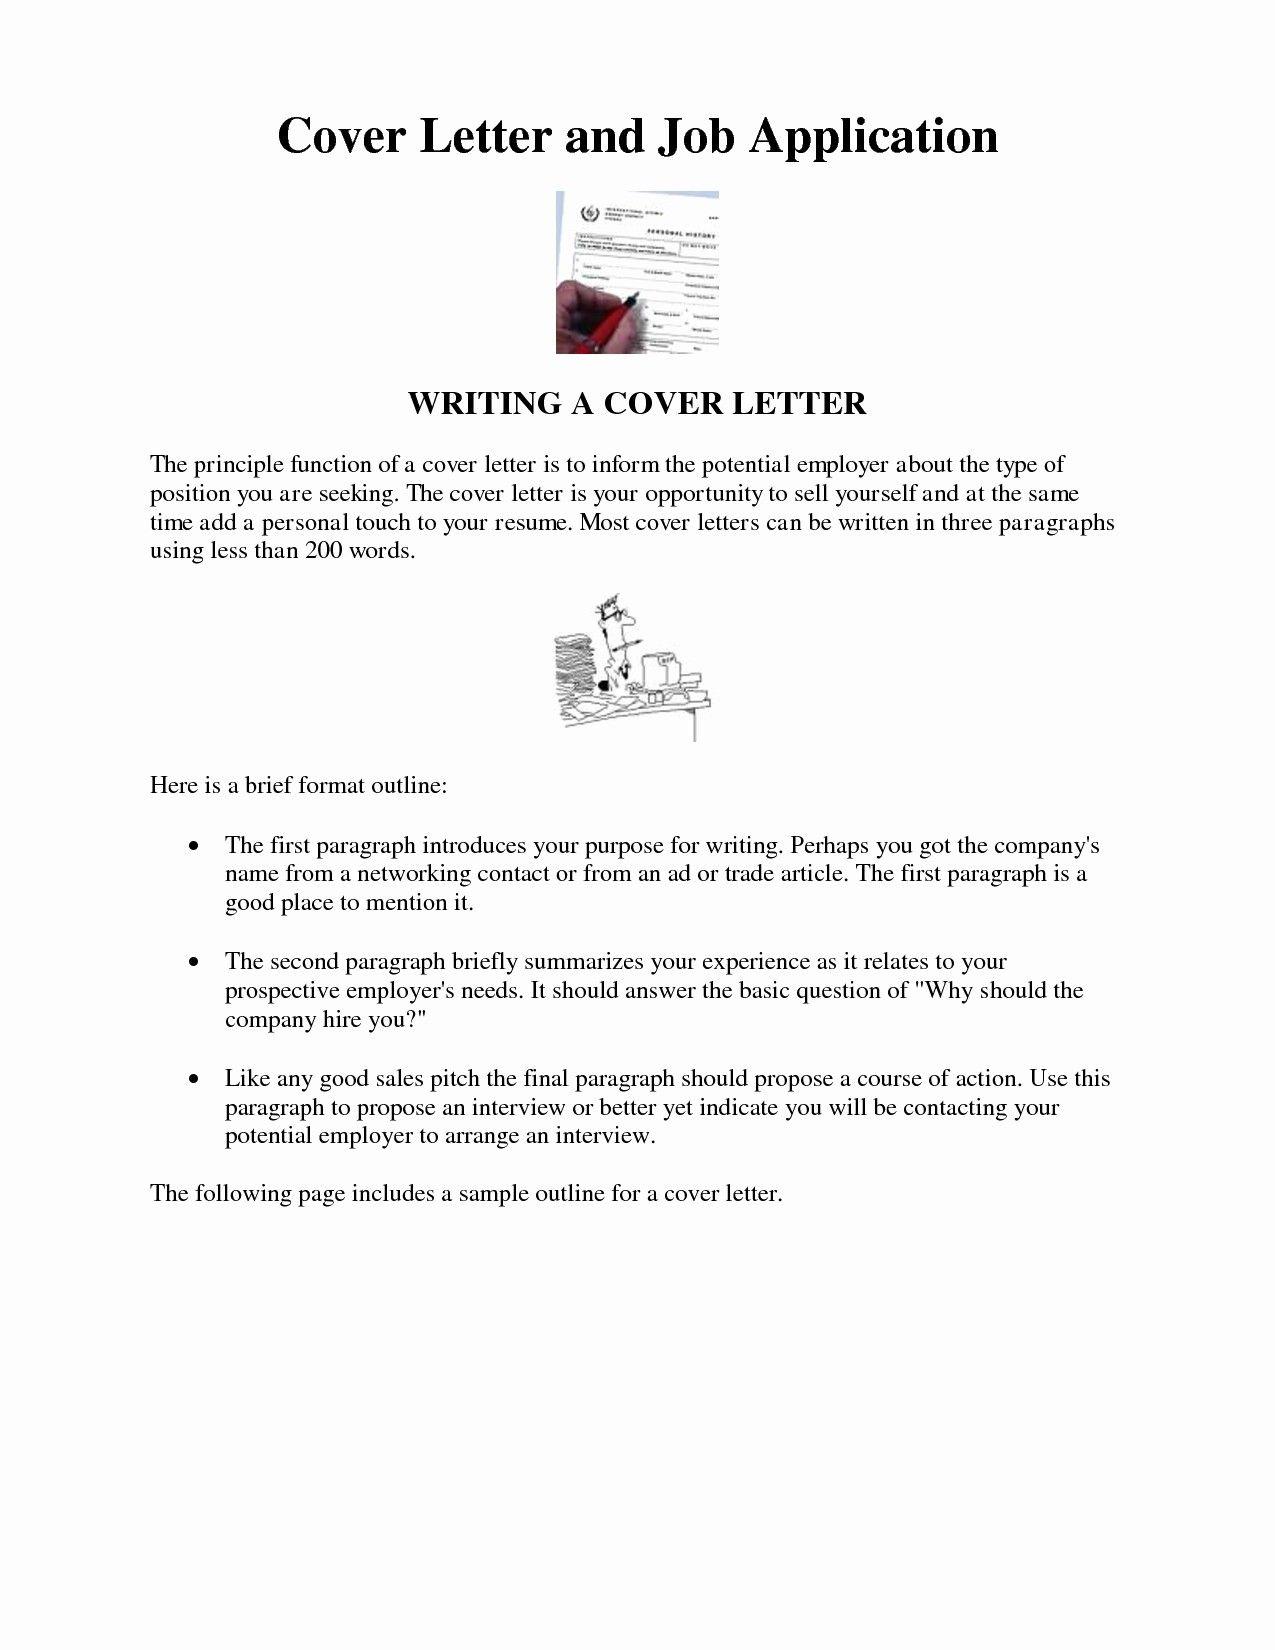 Cover Letter Sample For Job Application Doc